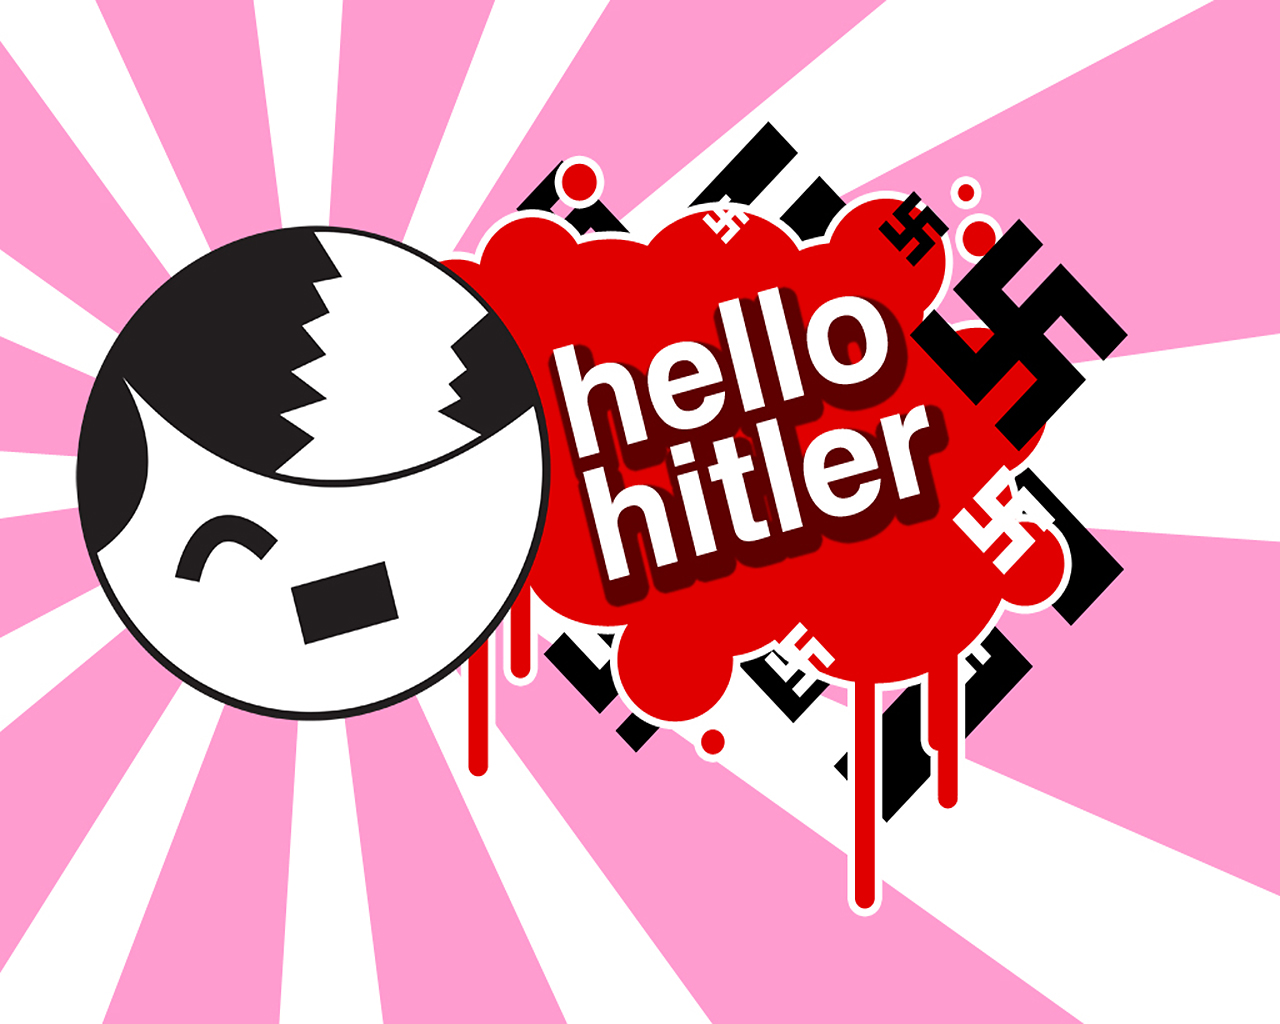 hello-hitler